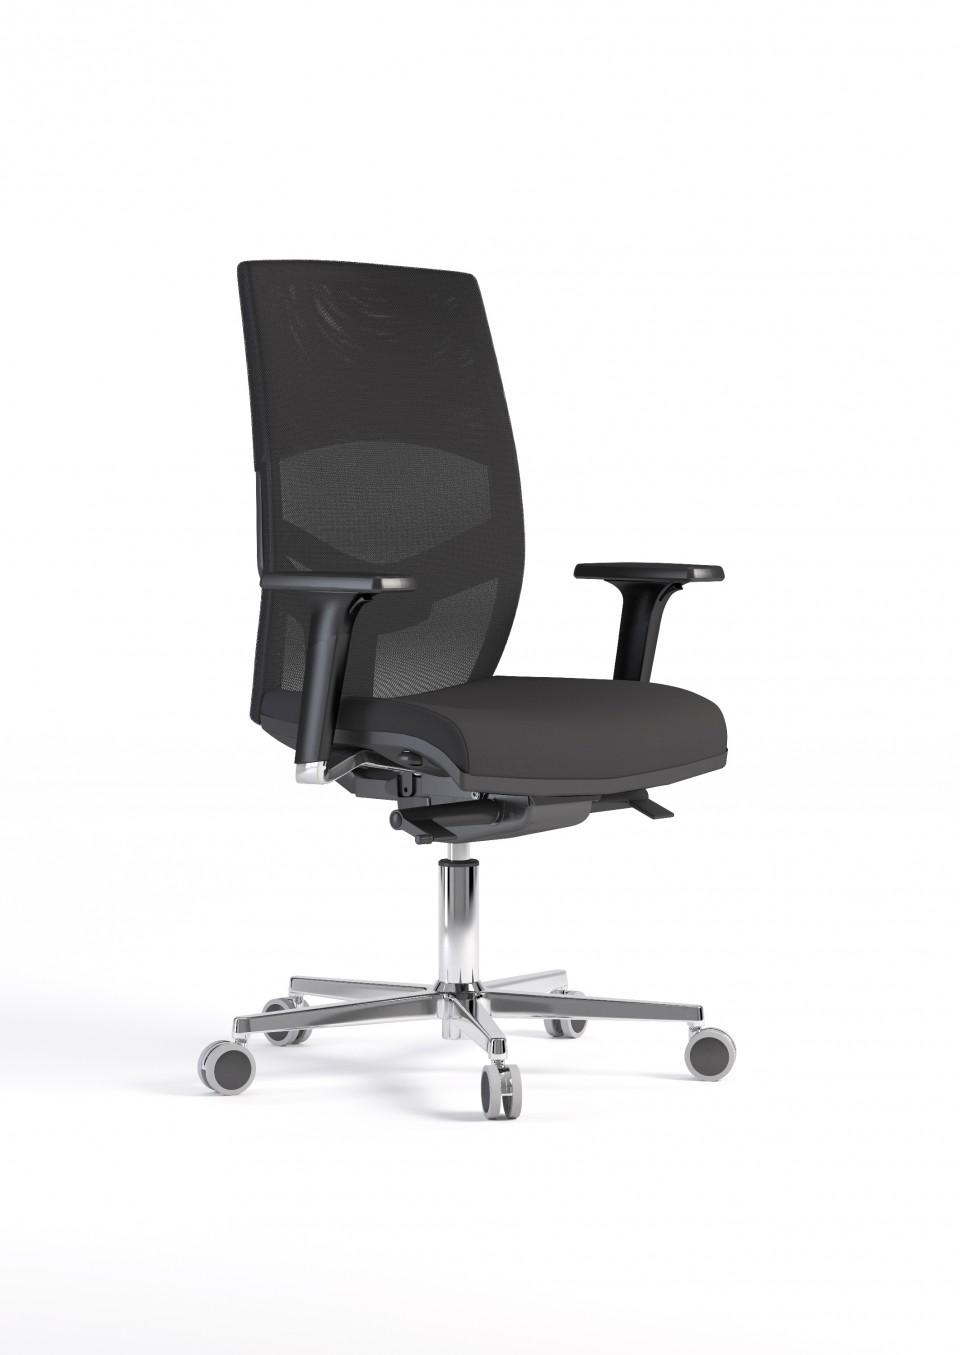 Si ge de bureau easy achat si ges ergonomiques 339 00 for Meilleur siege de bureau